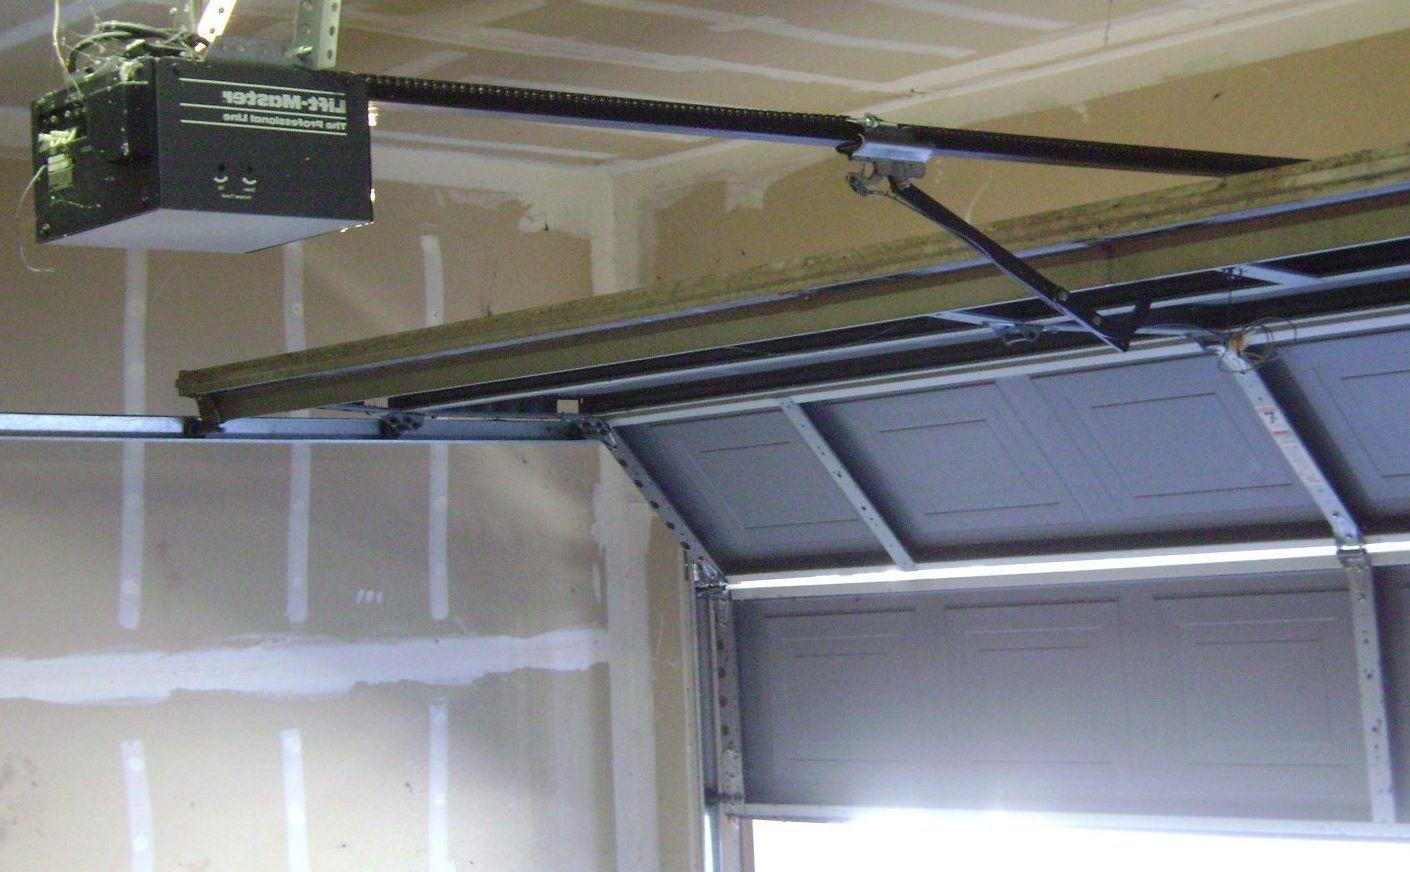 West Chester Garage Door wcgaragedoor on Pinterest